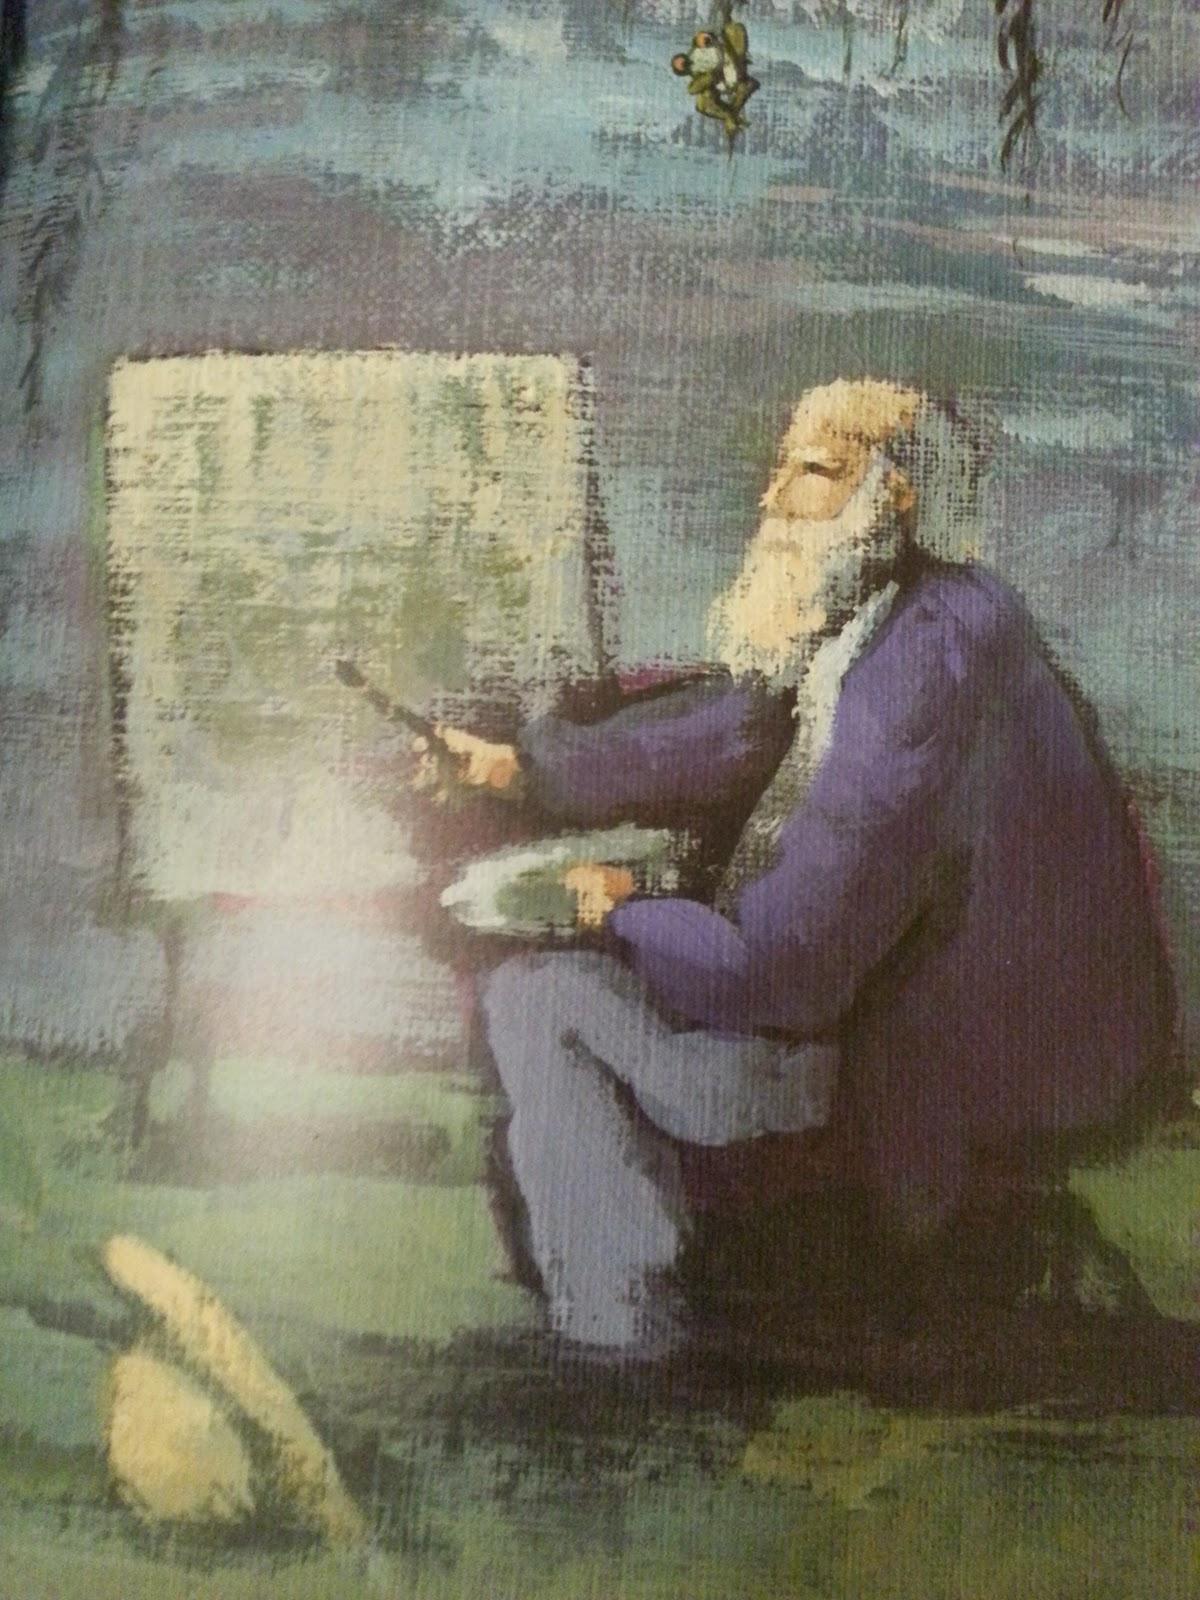 Cuentos y m s cuentos talleres de arte monet y el jard n for Jardin acuatico